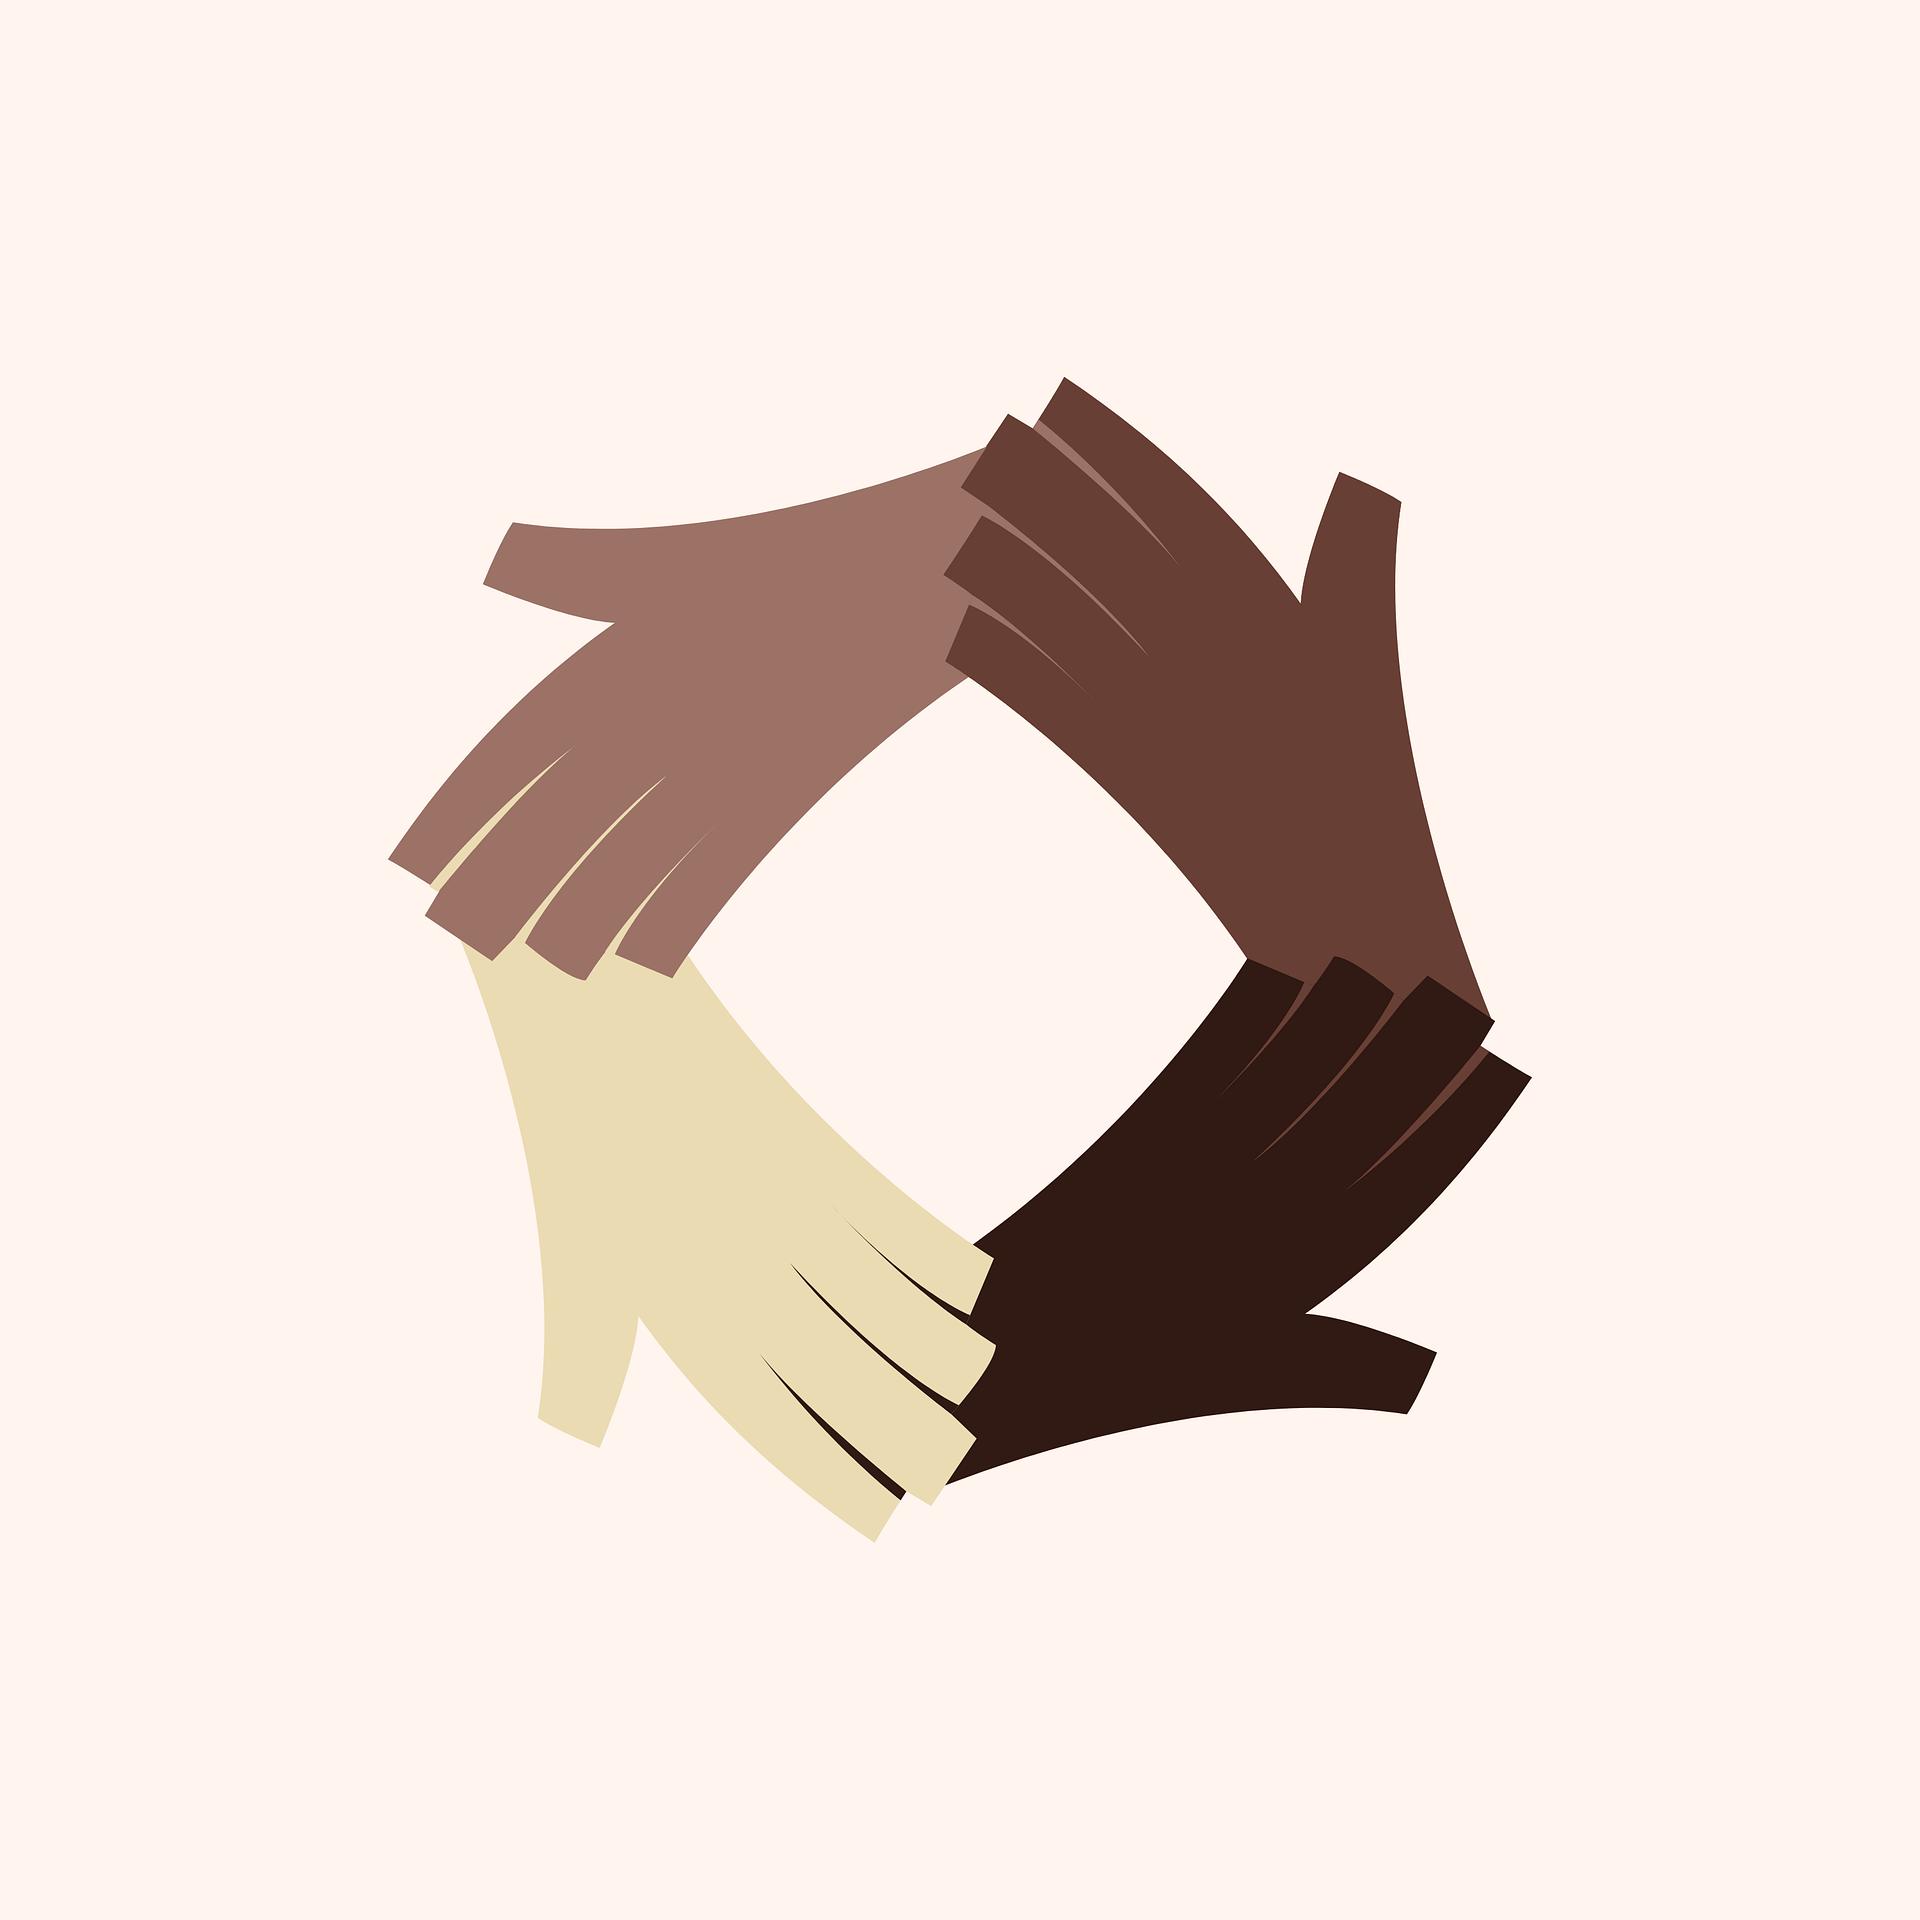 Image numérique de quatre mains se tenant dans un cercle de tons de peau différents